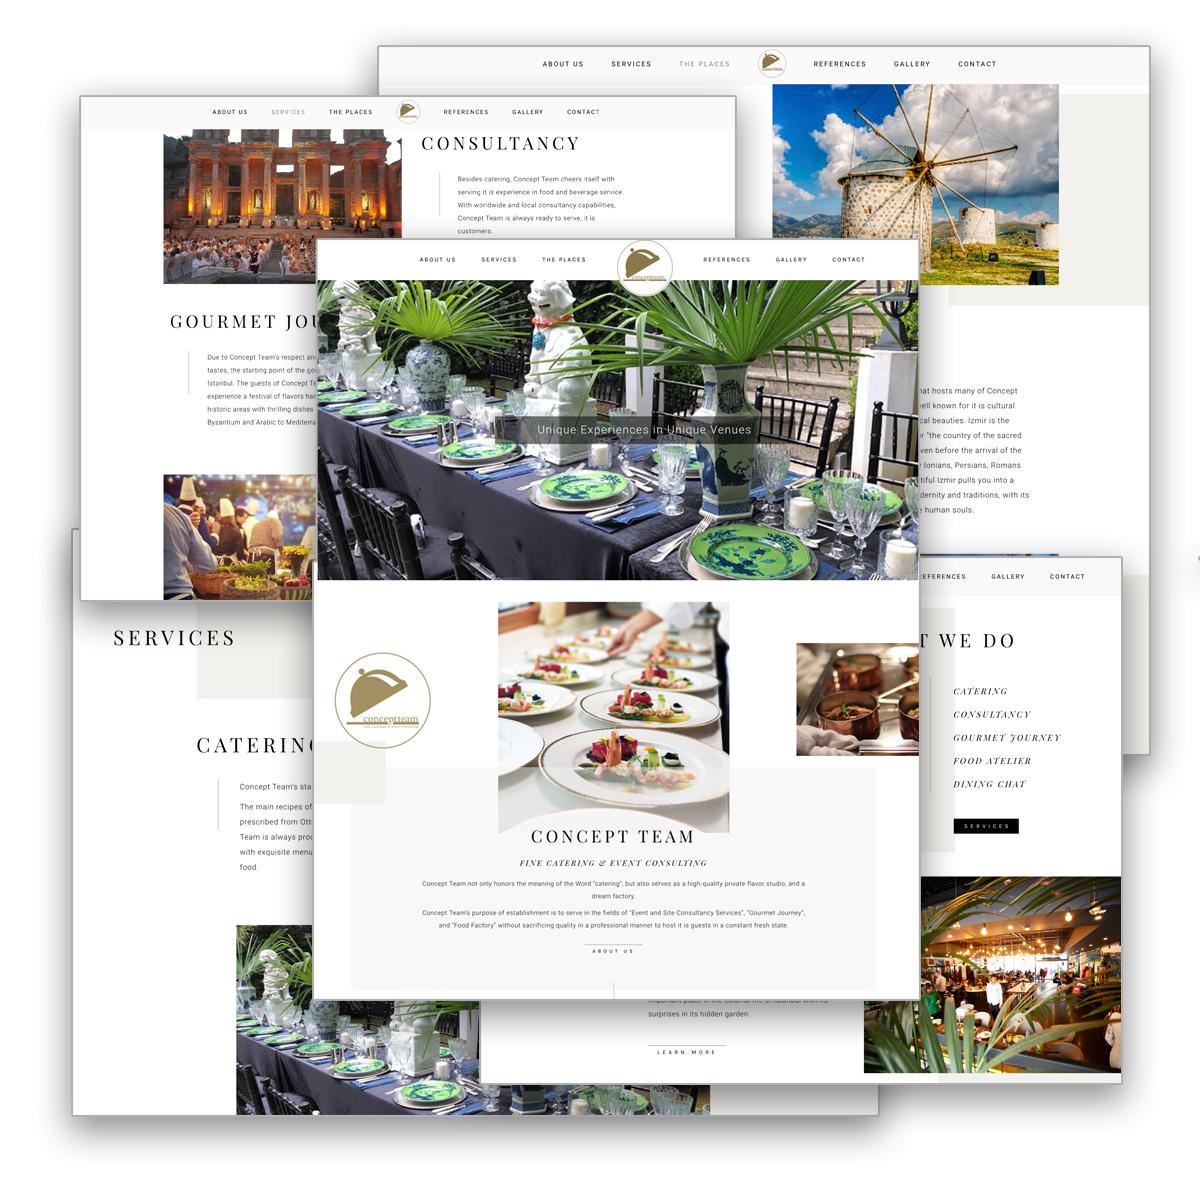 conceptteam website s